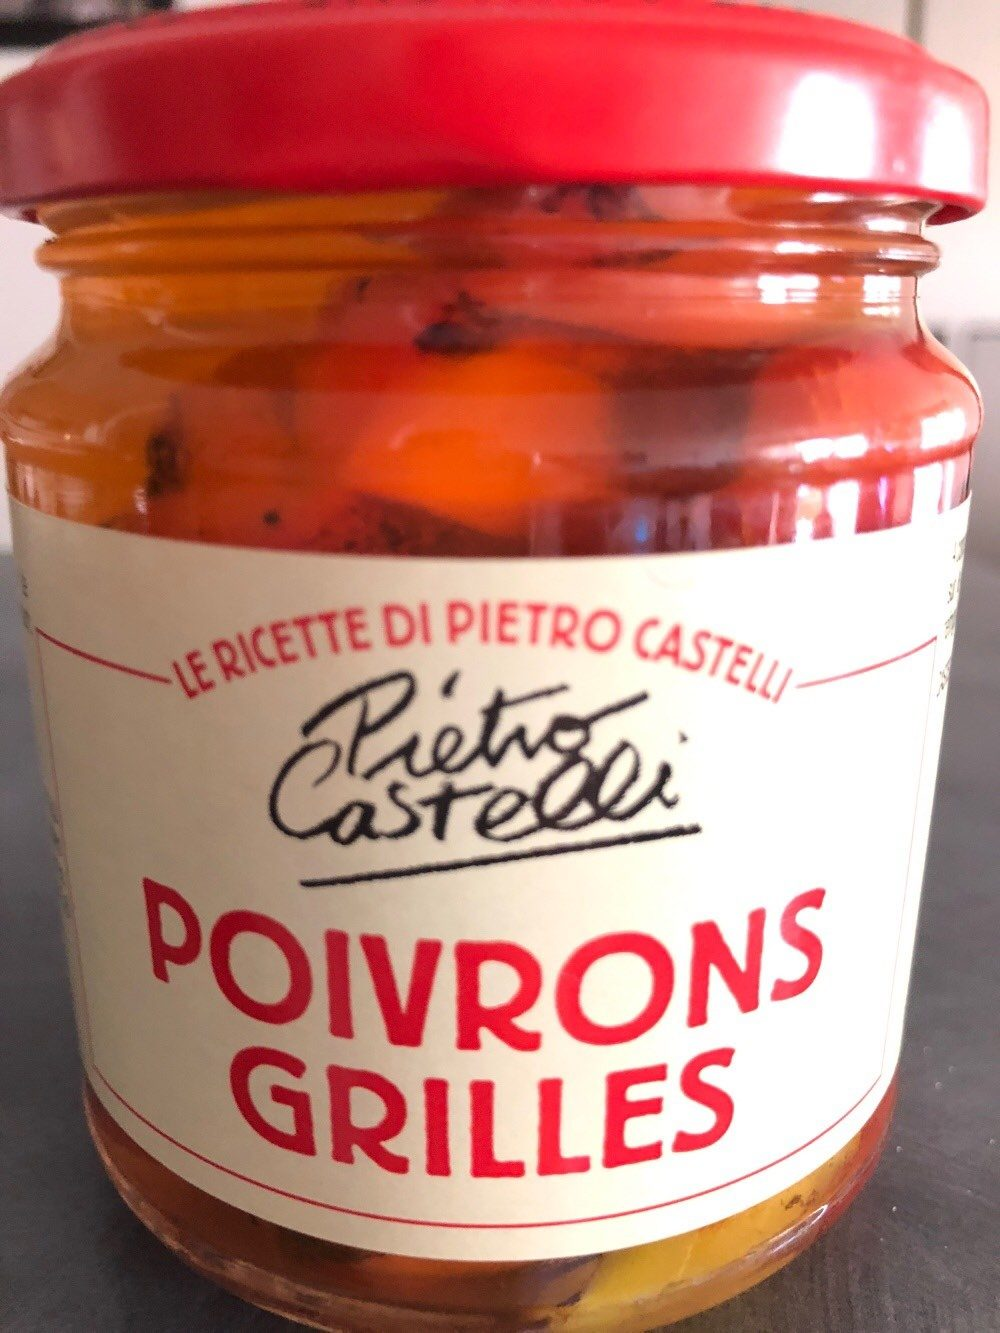 Poivrons Grillés - Product - fr